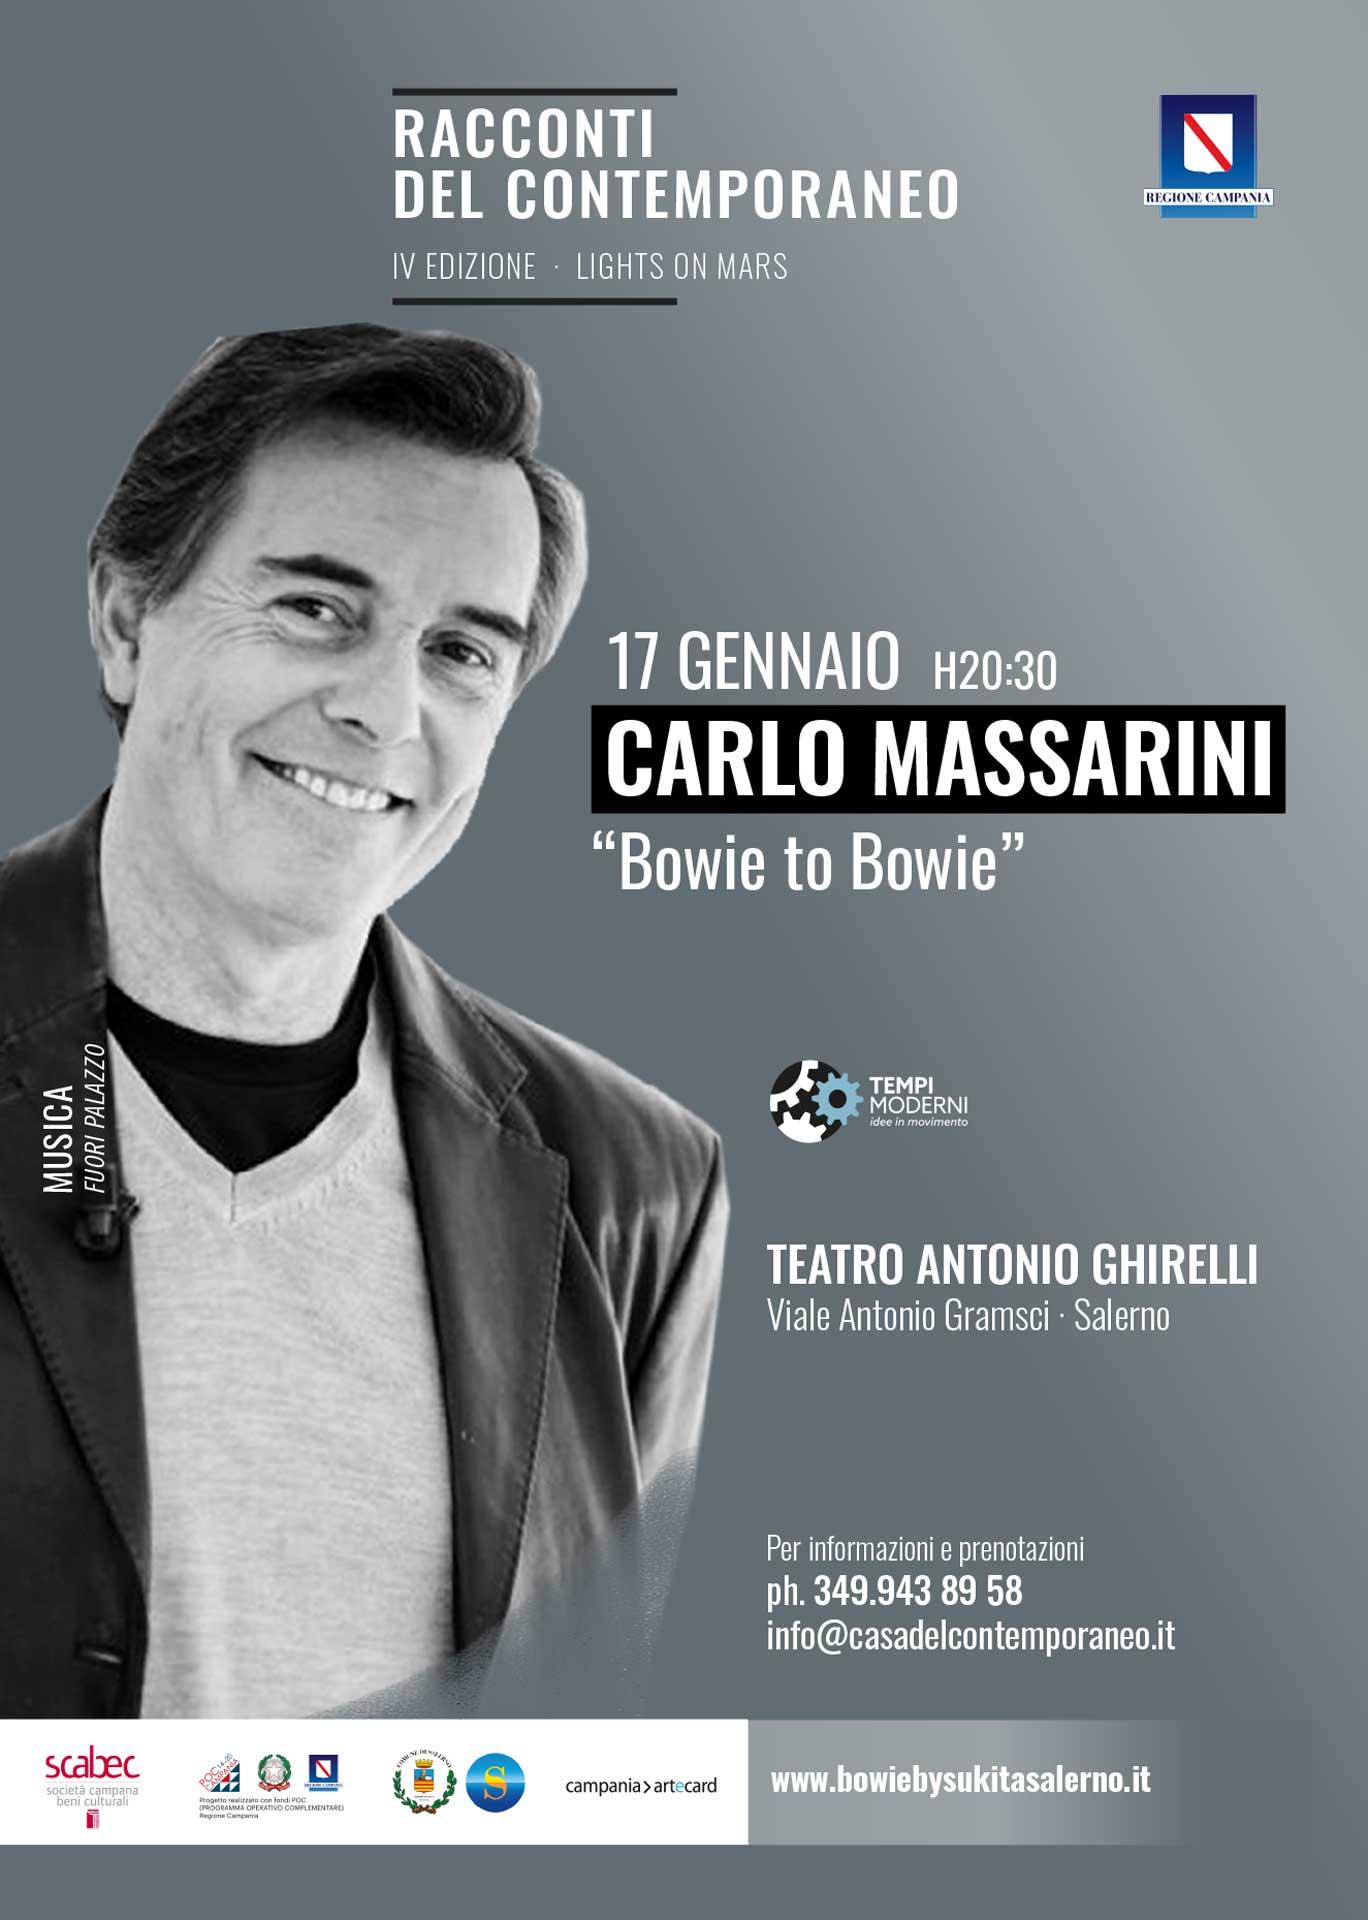 Locandina 17 gennaio 2020 Carlo Massarini per Bowie to Bowie